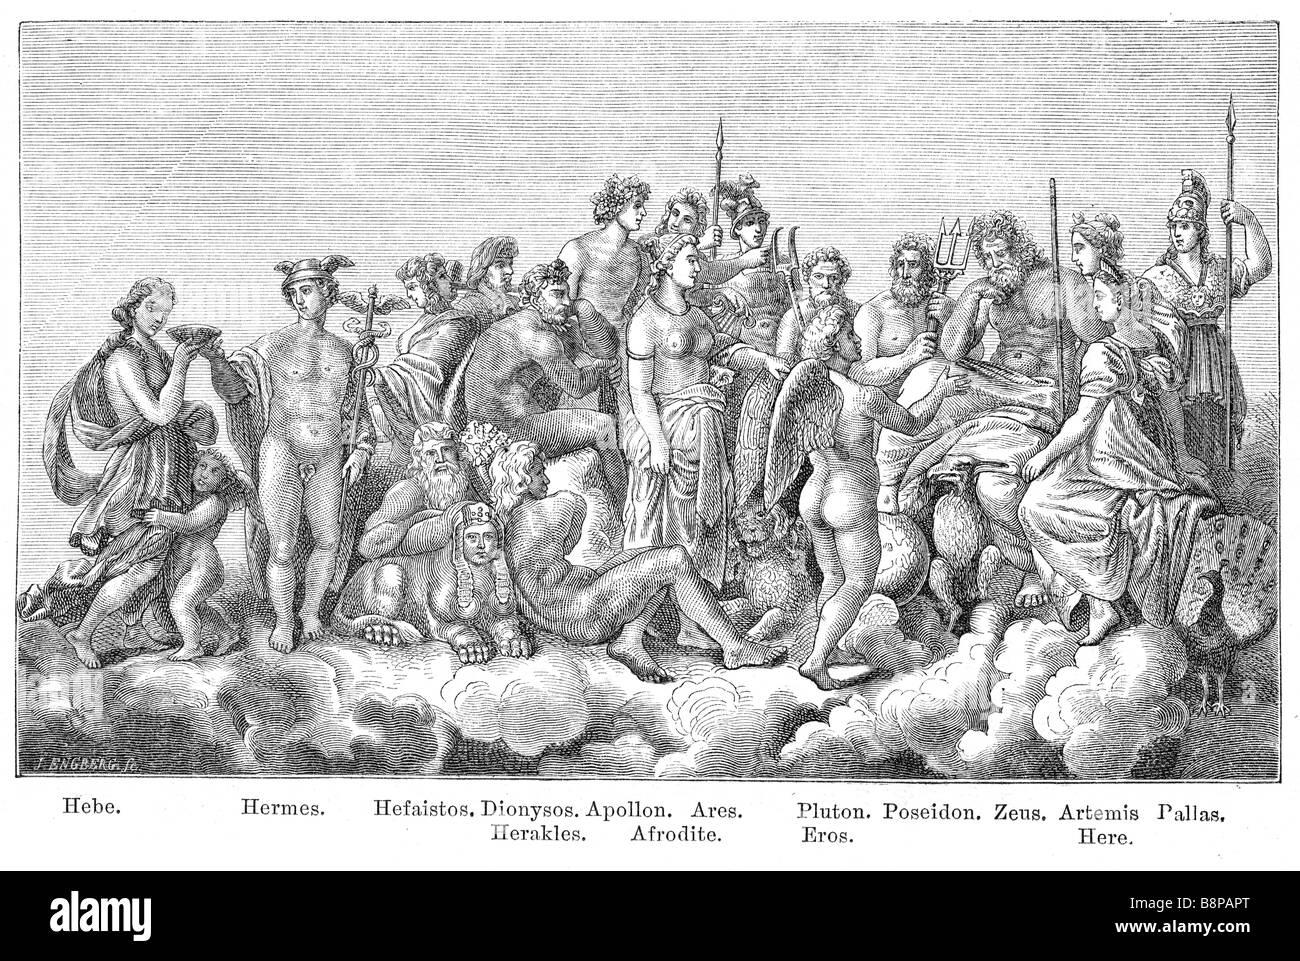 Gods of ancient greek culture. Originally published in swedish book Historisk läsebok published in 1882 - Stock Image